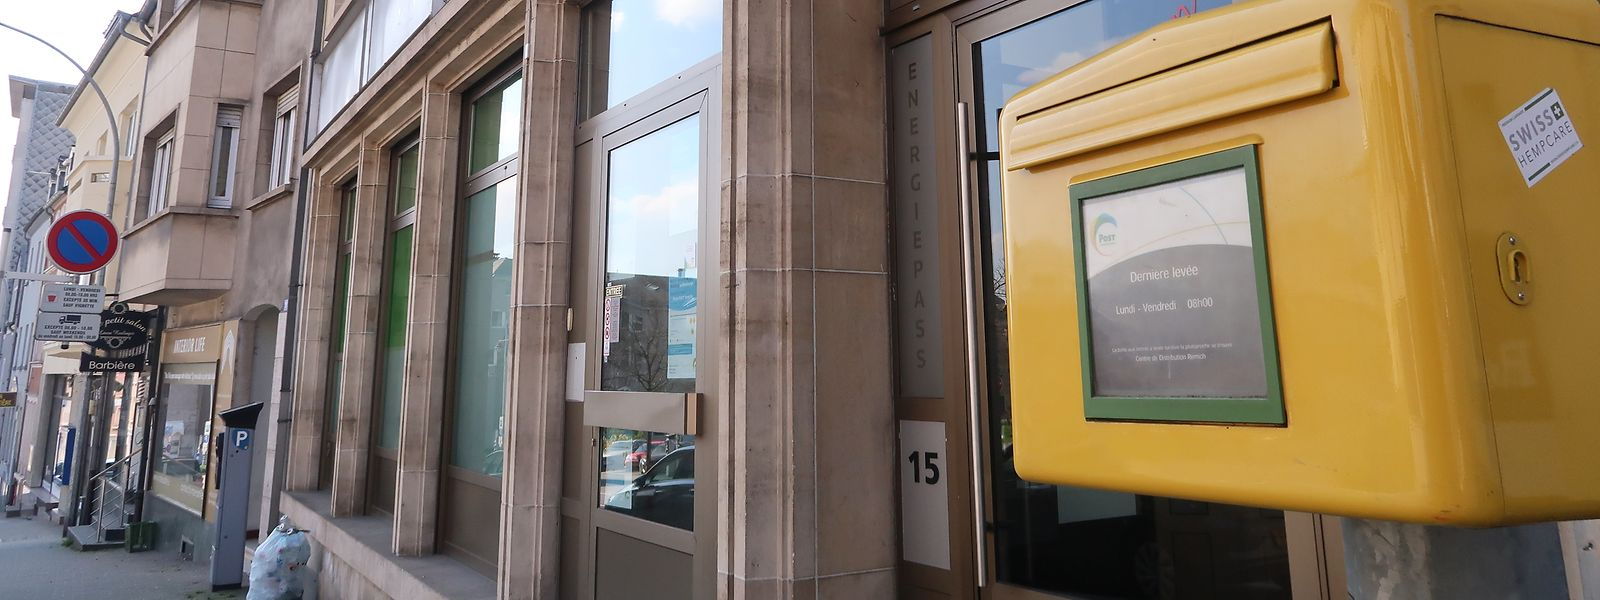 Seit Februar 2020 steht die Postfiliale an der Remicher Rue Enz leer.